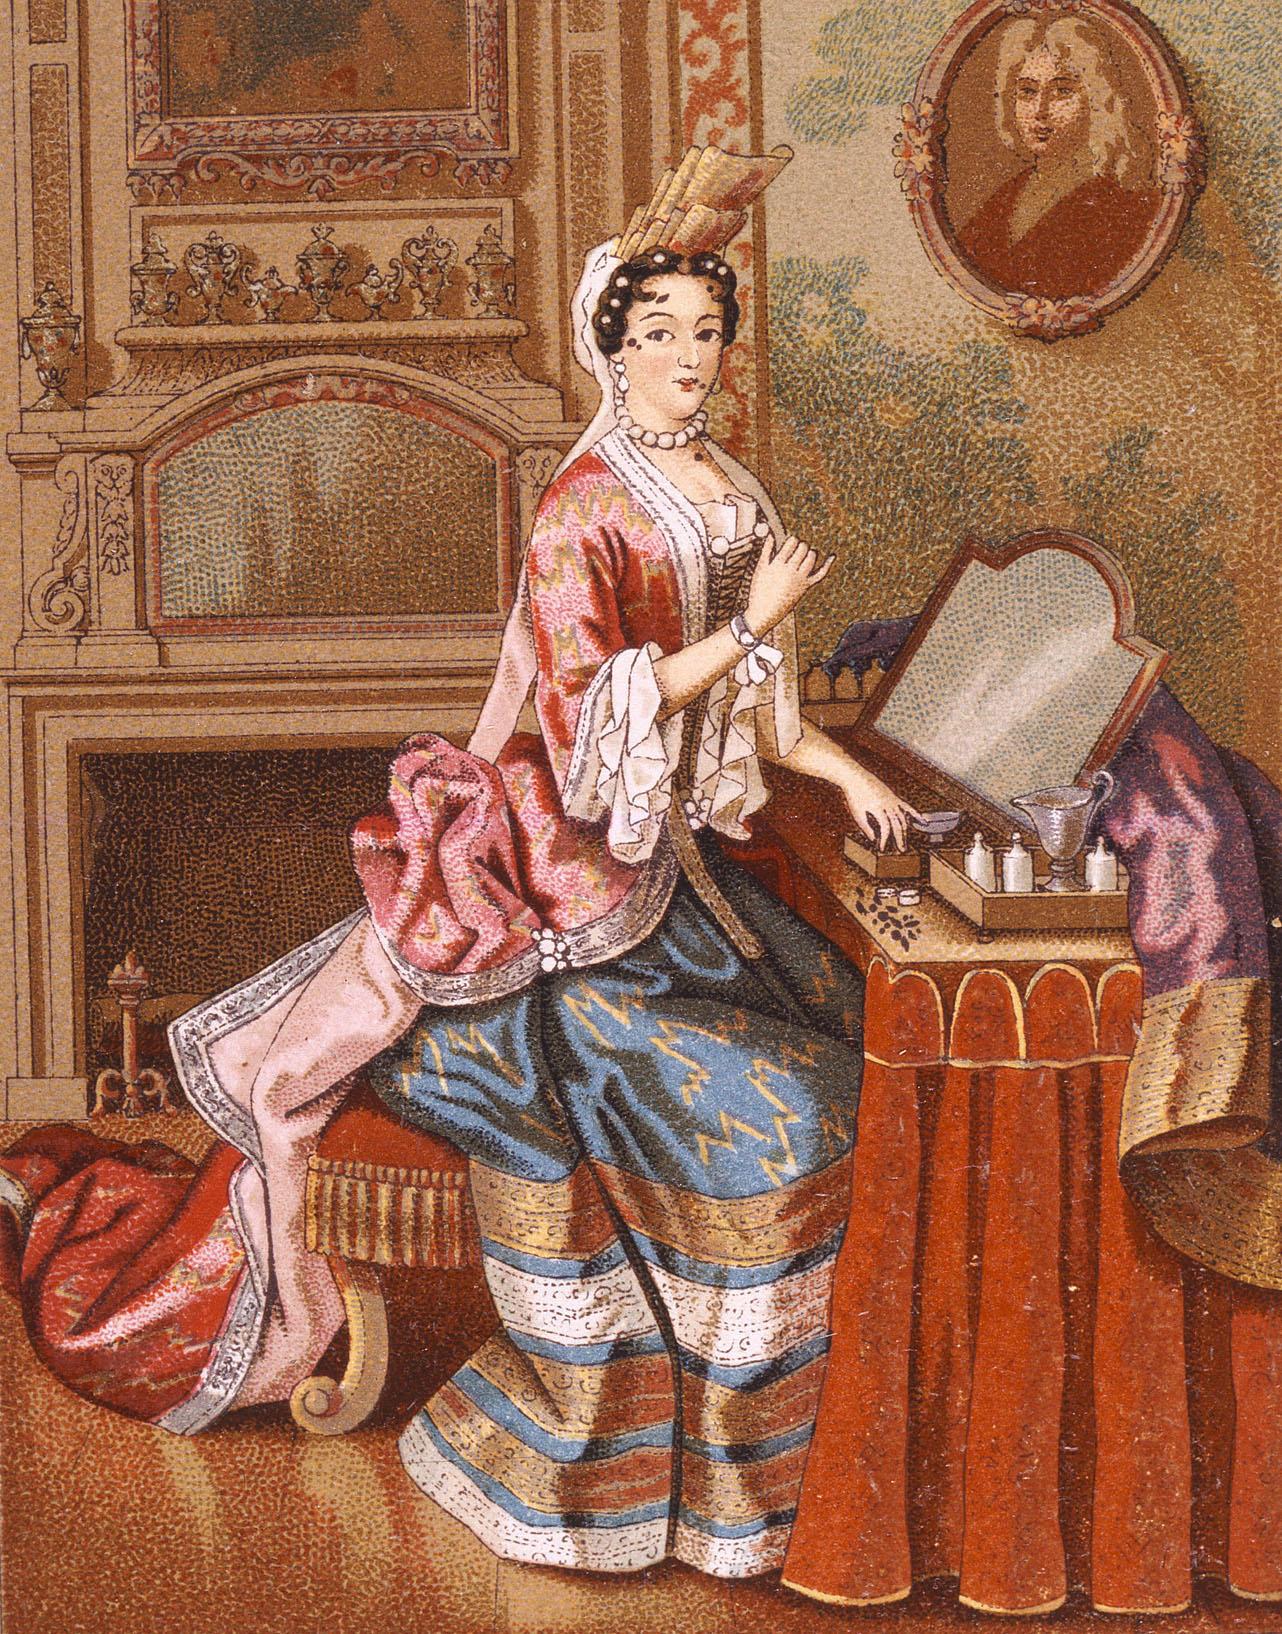 17世紀のパッチ化粧する貴婦人 ラシネ著『服装の歴史』より/1888年